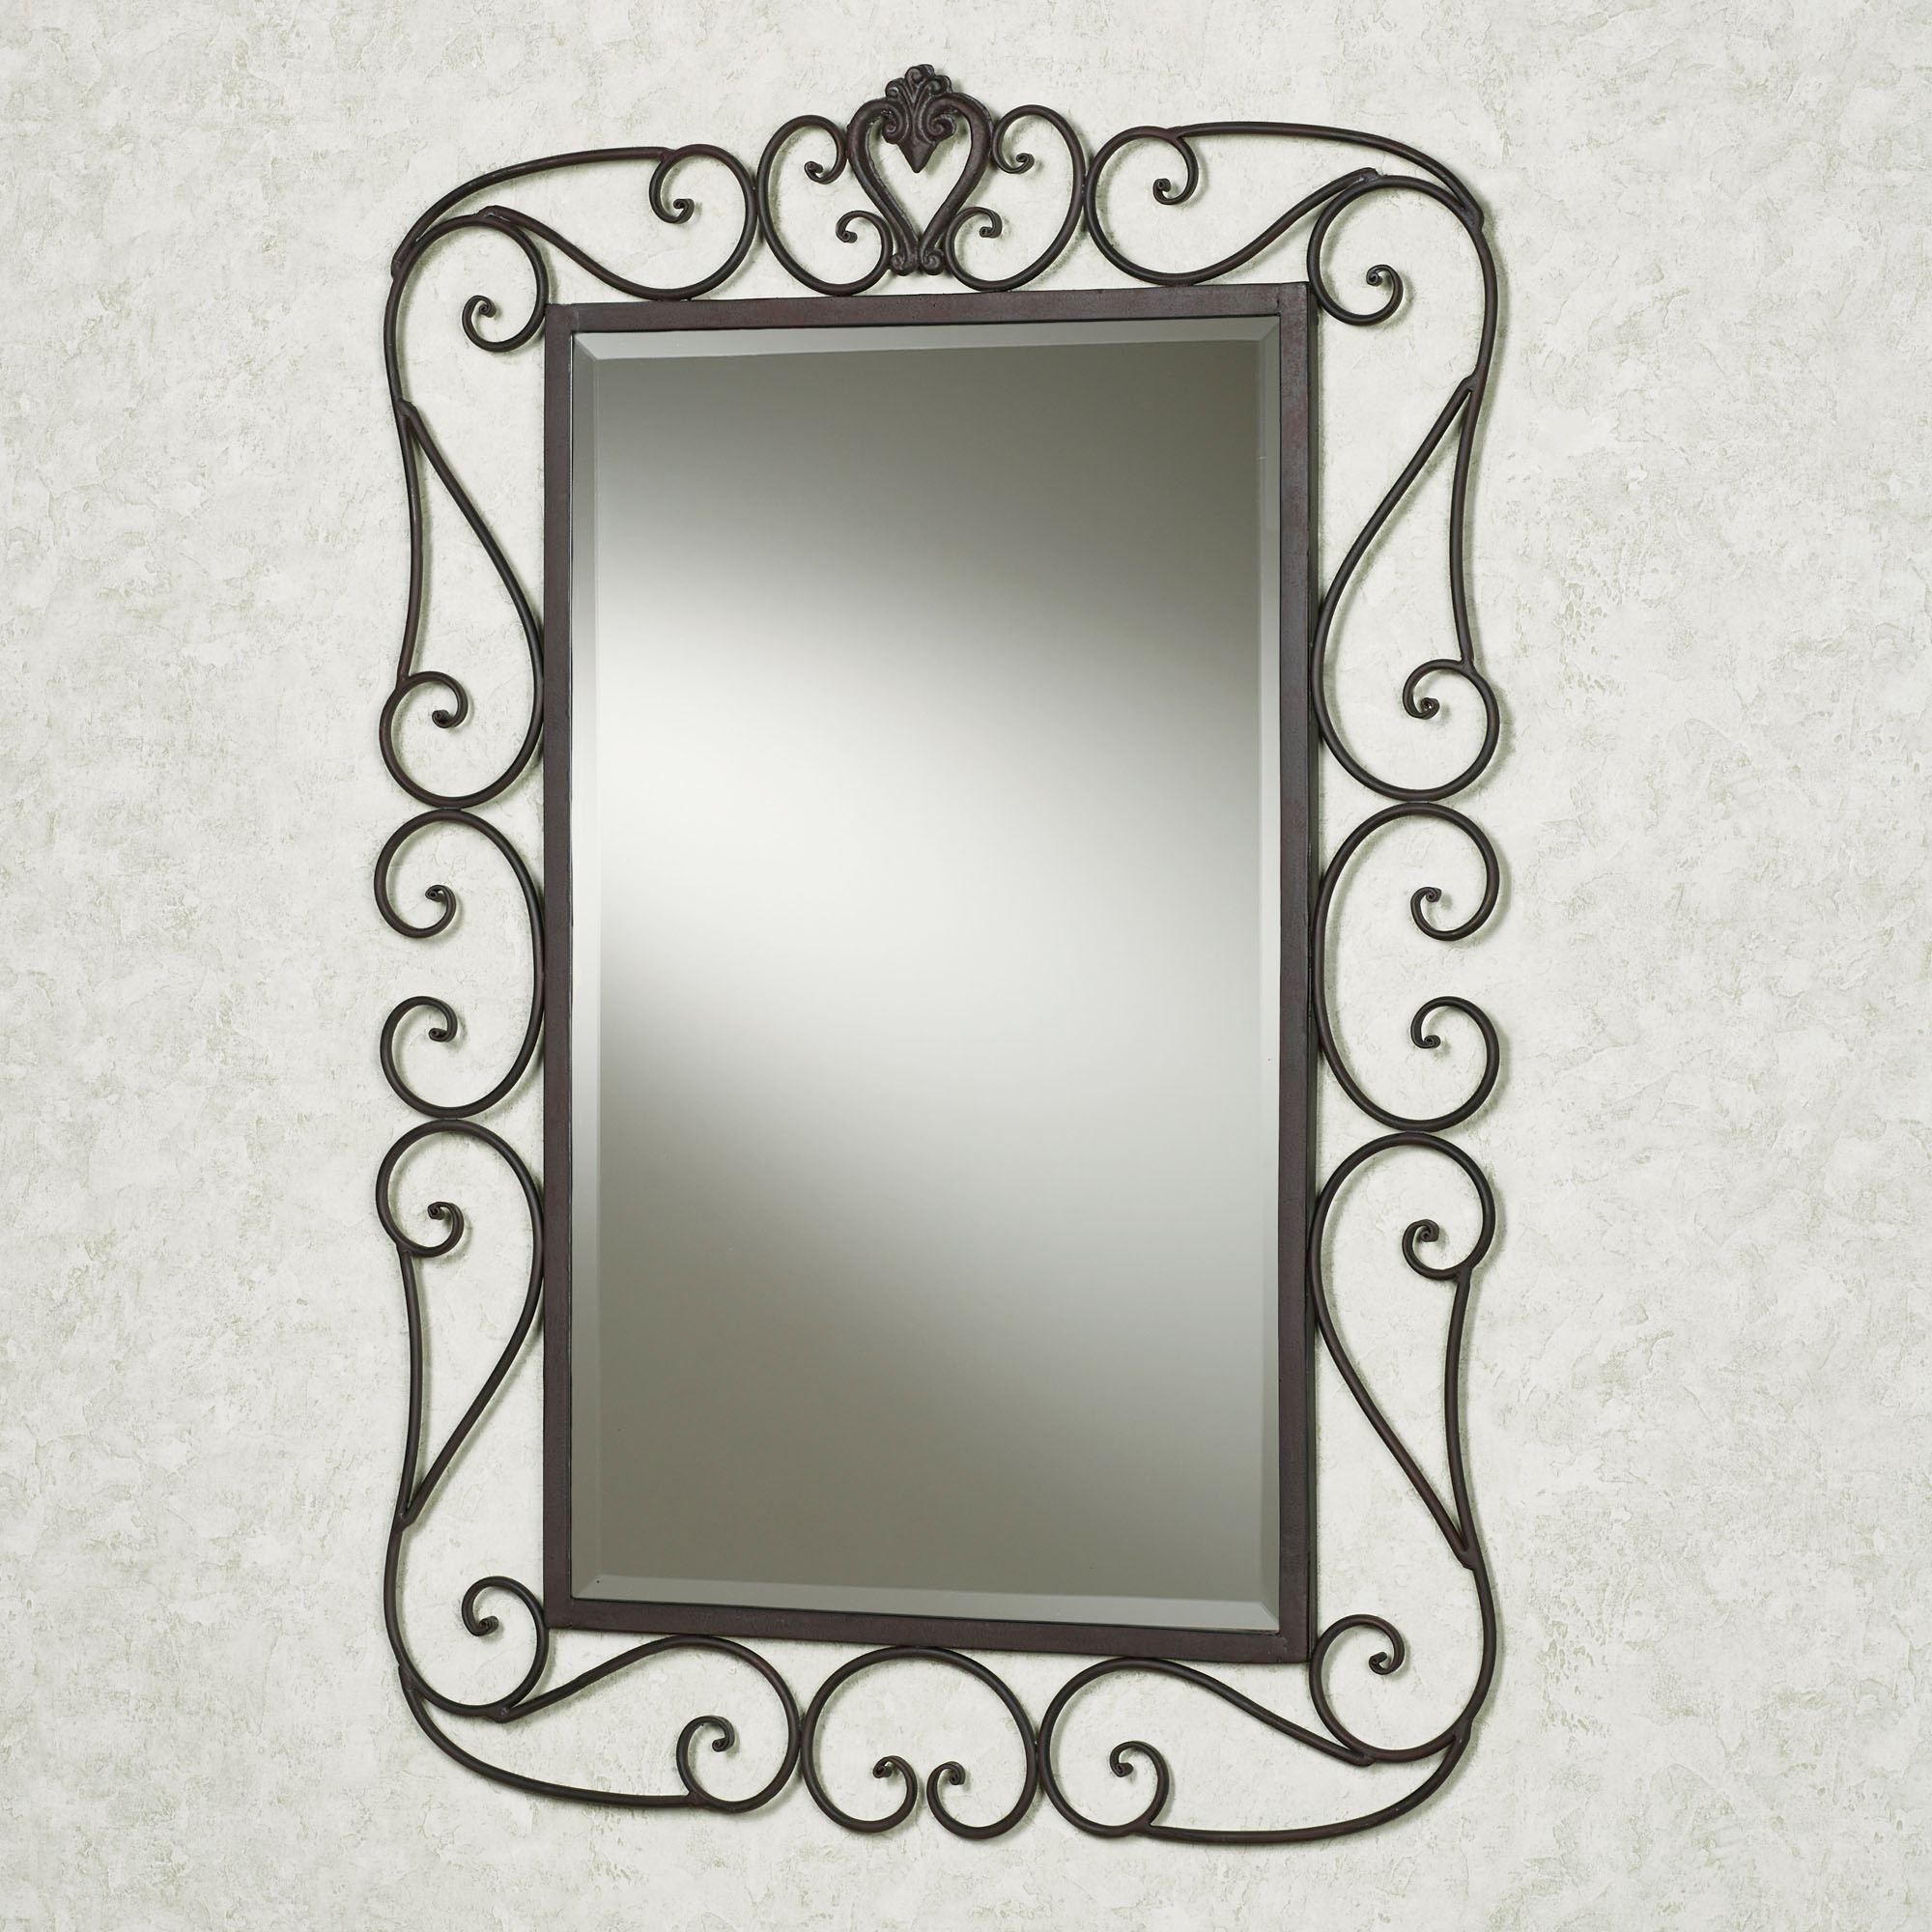 Wrought Iron Wall Mirror Frames  Moldura de espelho, Decoração do